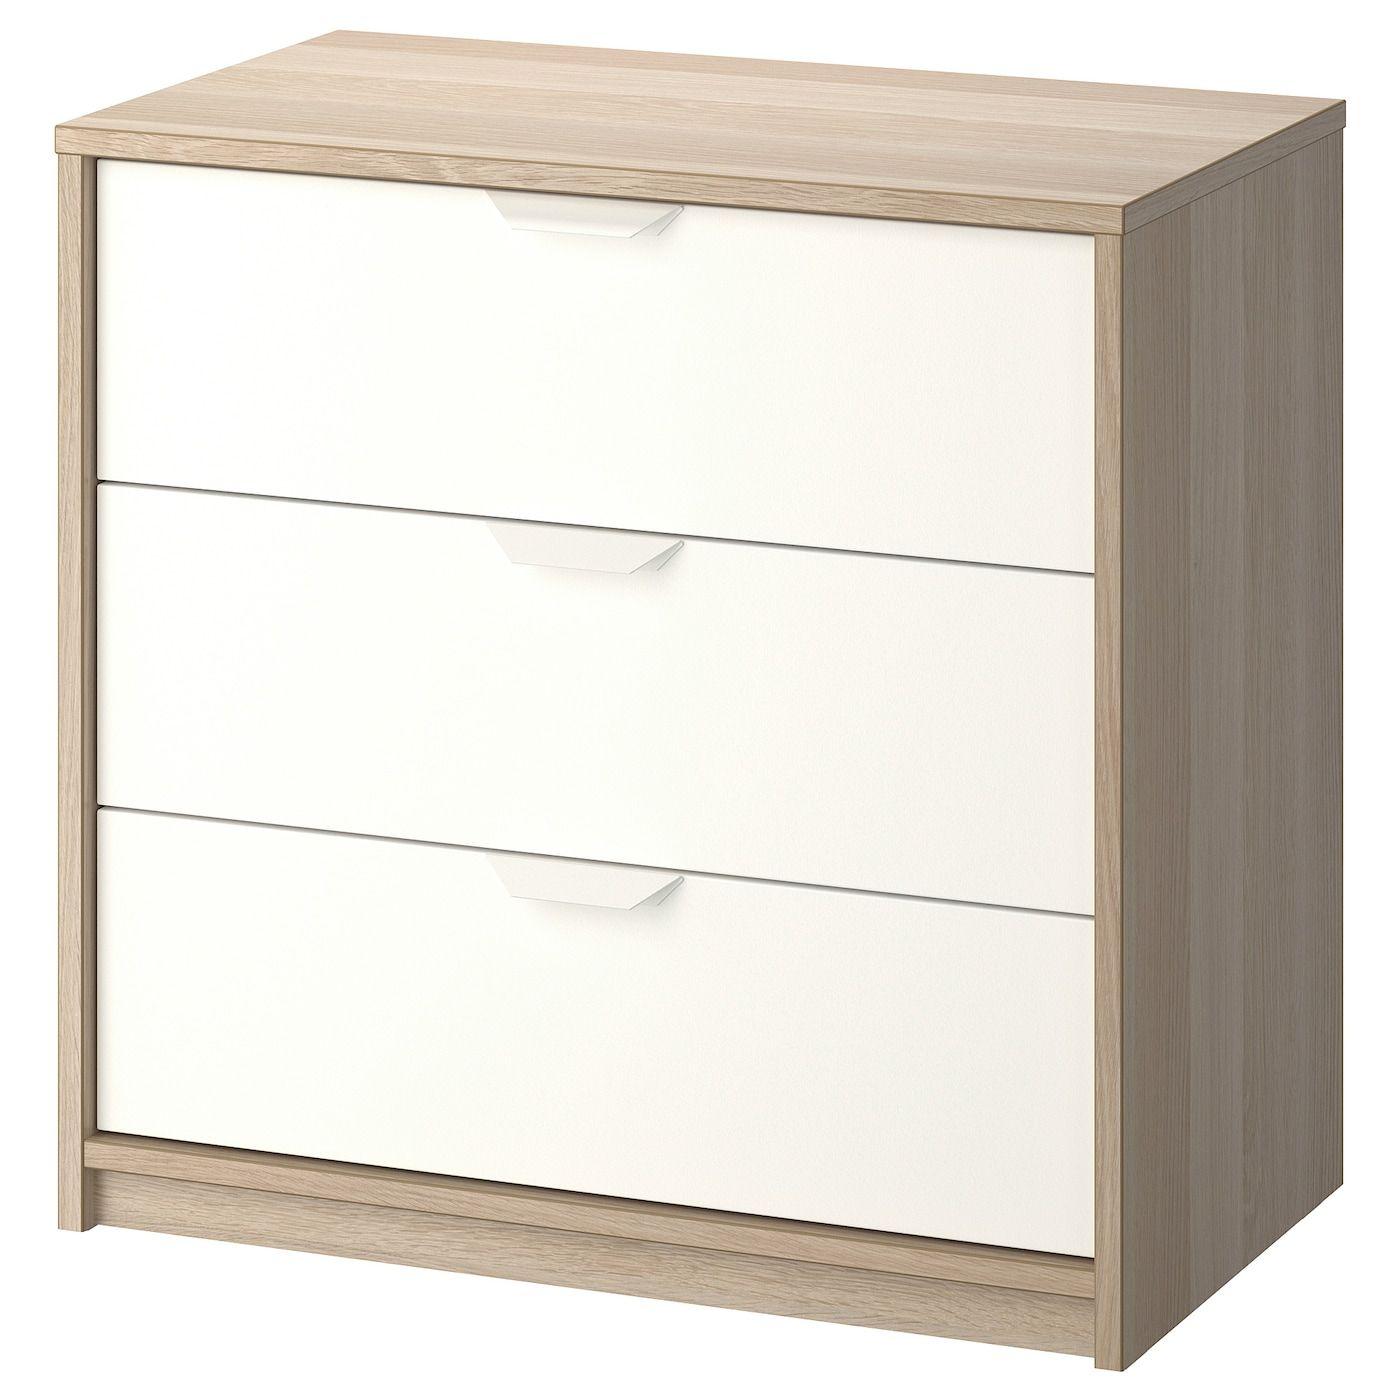 Askvoll Kommode Mit 3 Schubladen Eicheneff Wlas Weiss Ikea